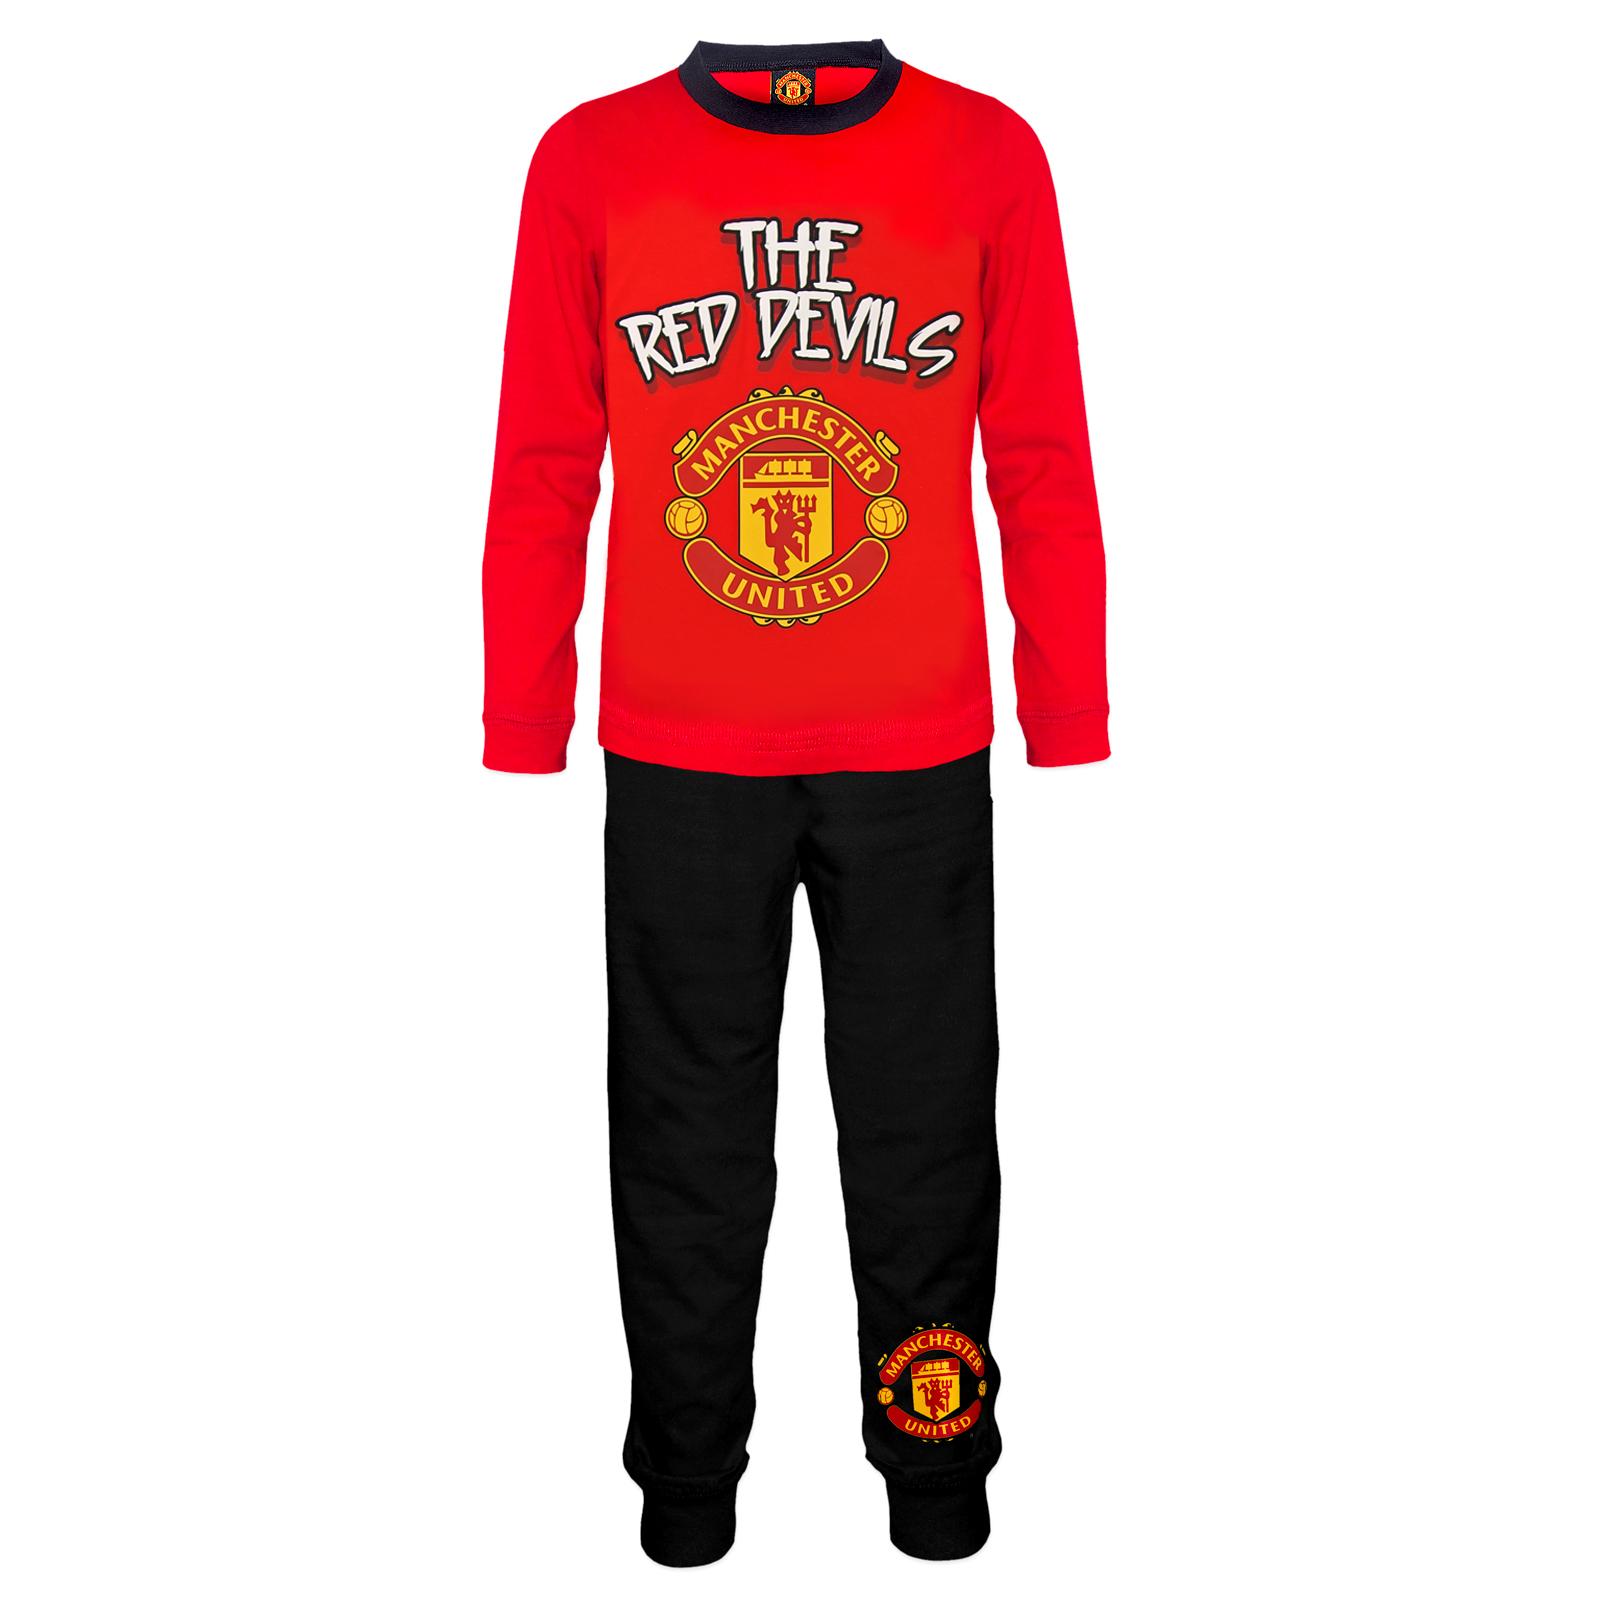 Gar/çon rouge Red - Ensemble de pyjama Manches Longues West Ham United F.C